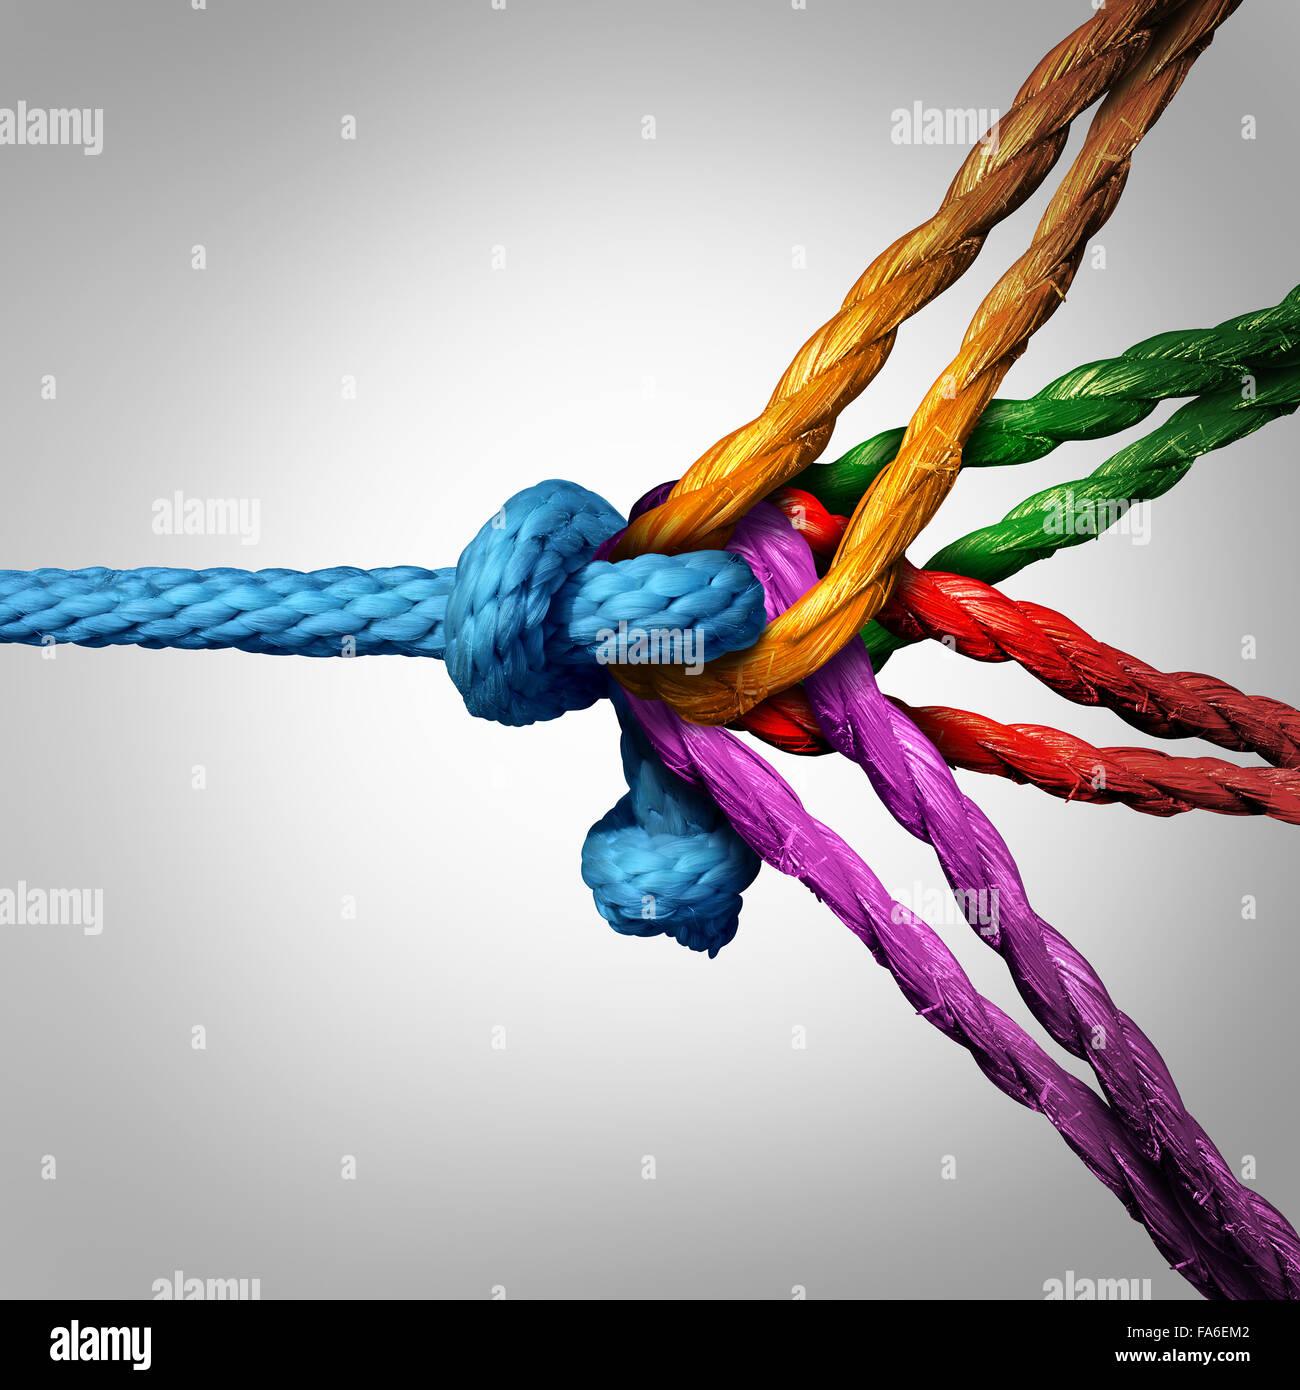 Angeschlossenen Gruppenkonzept soviele verschiedene Seile gebunden und miteinander als eine unzerbrechliche Kette Stockbild